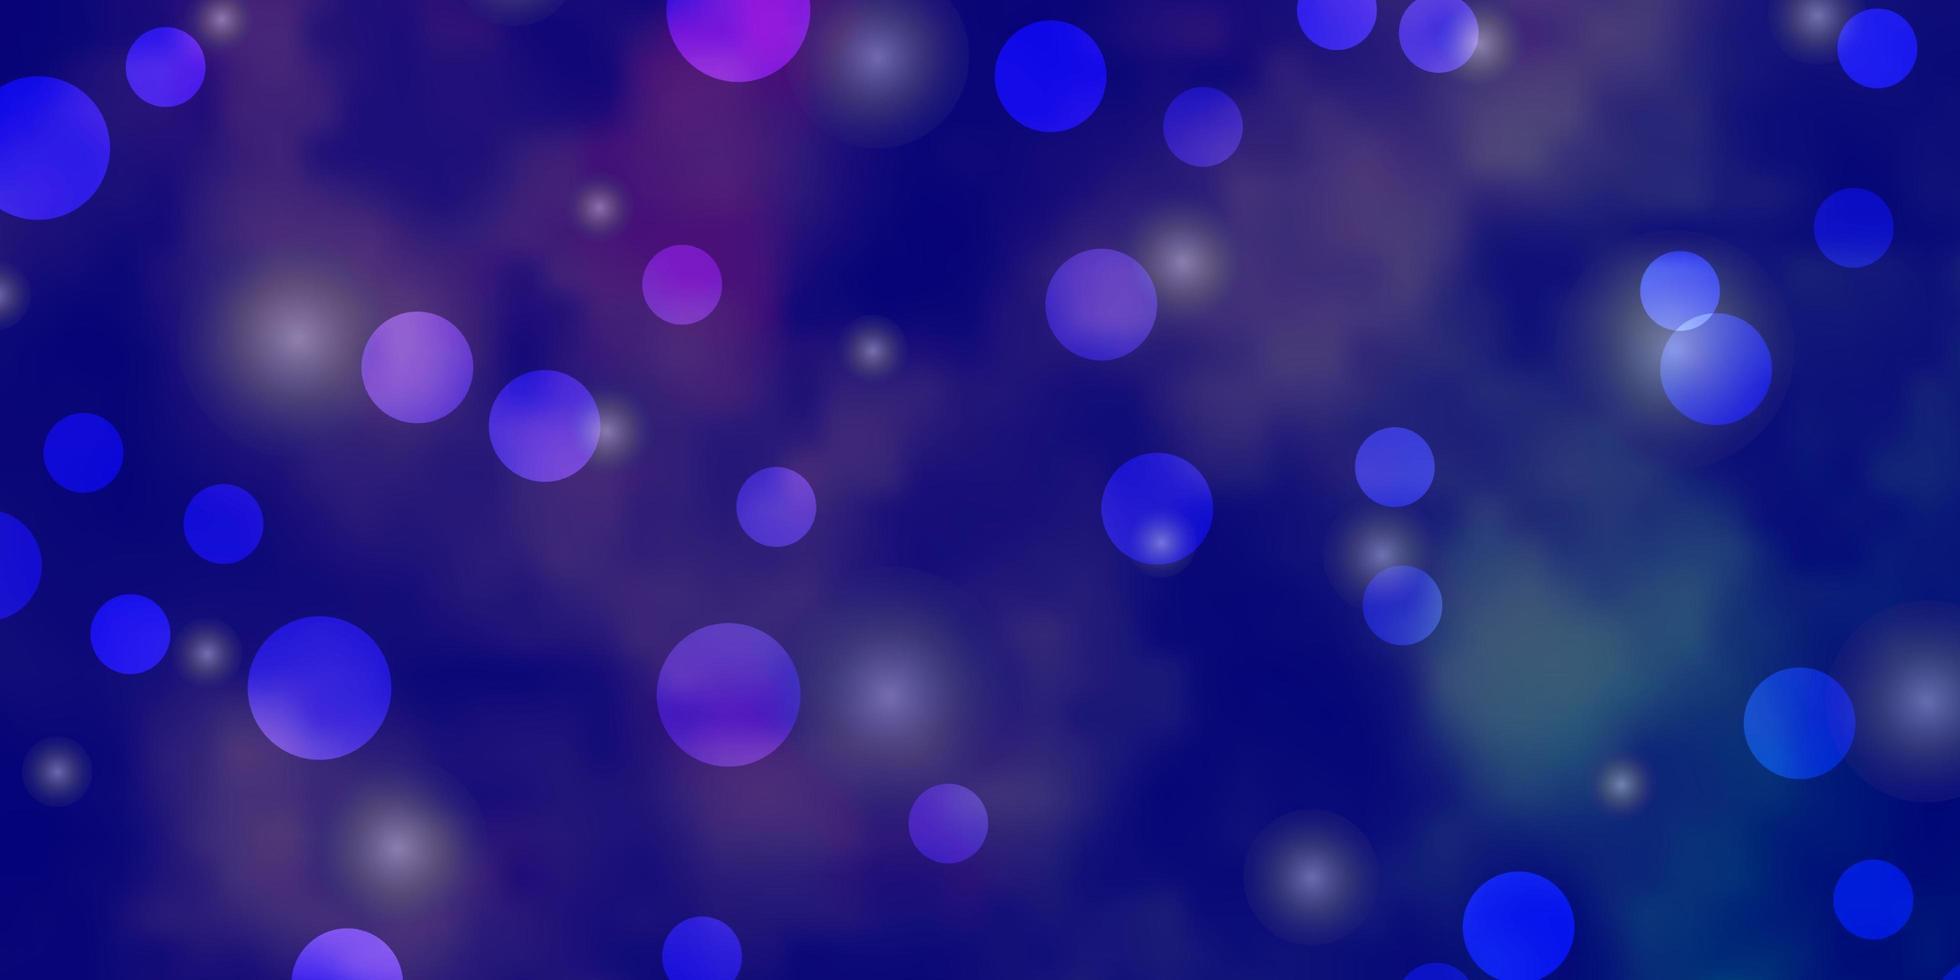 hellviolettes Vektormuster mit Kreisen, Sternen. vektor